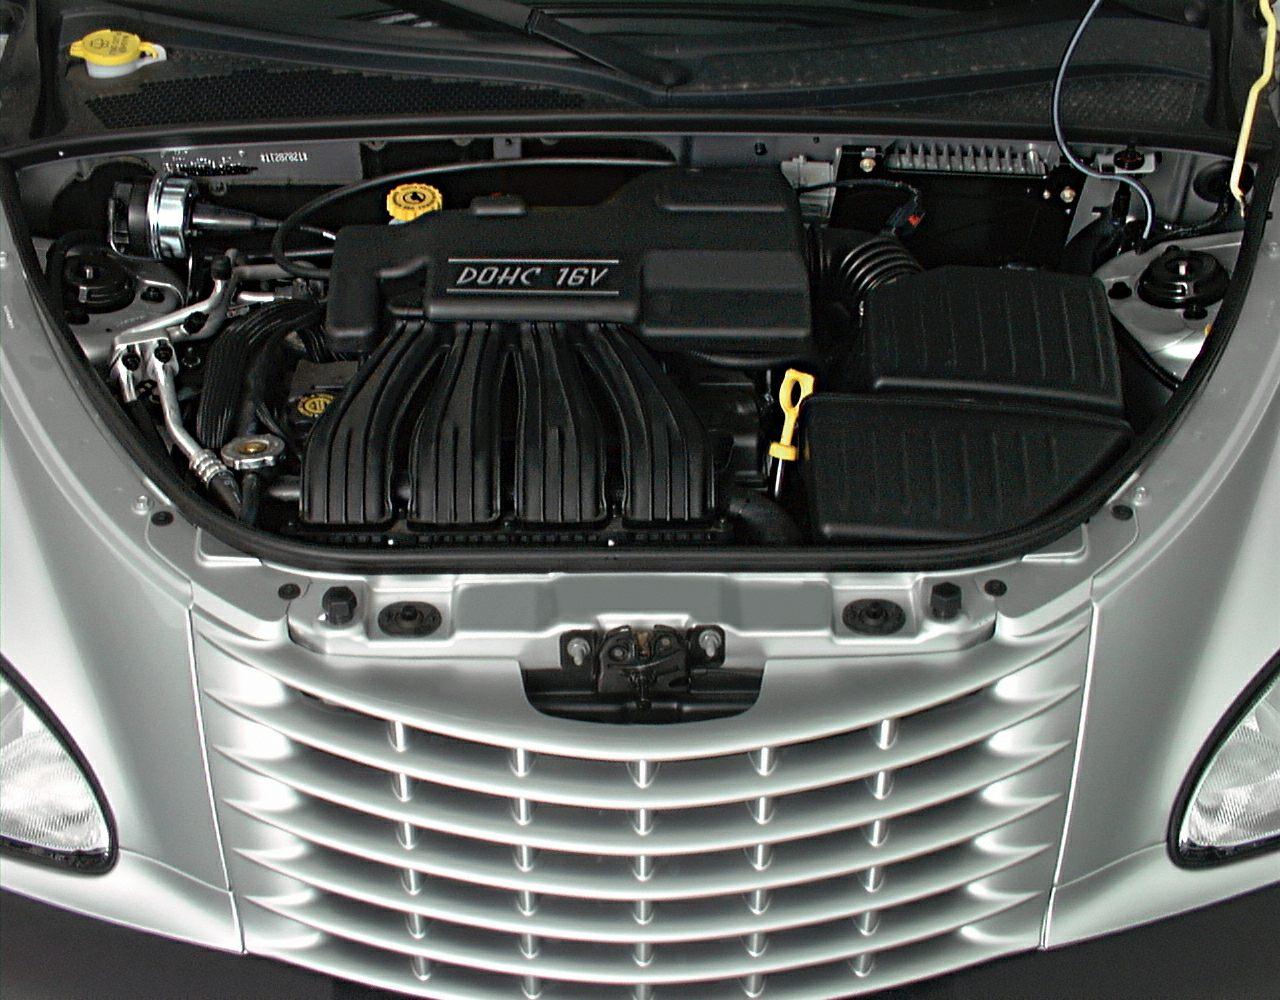 03 Chrysler Voyager Belt Diagram 2 4 Schematics Wiring Diagrams Plymouth Engine 2001 Liter 2012 200 Routing Chevrolet Serpentine